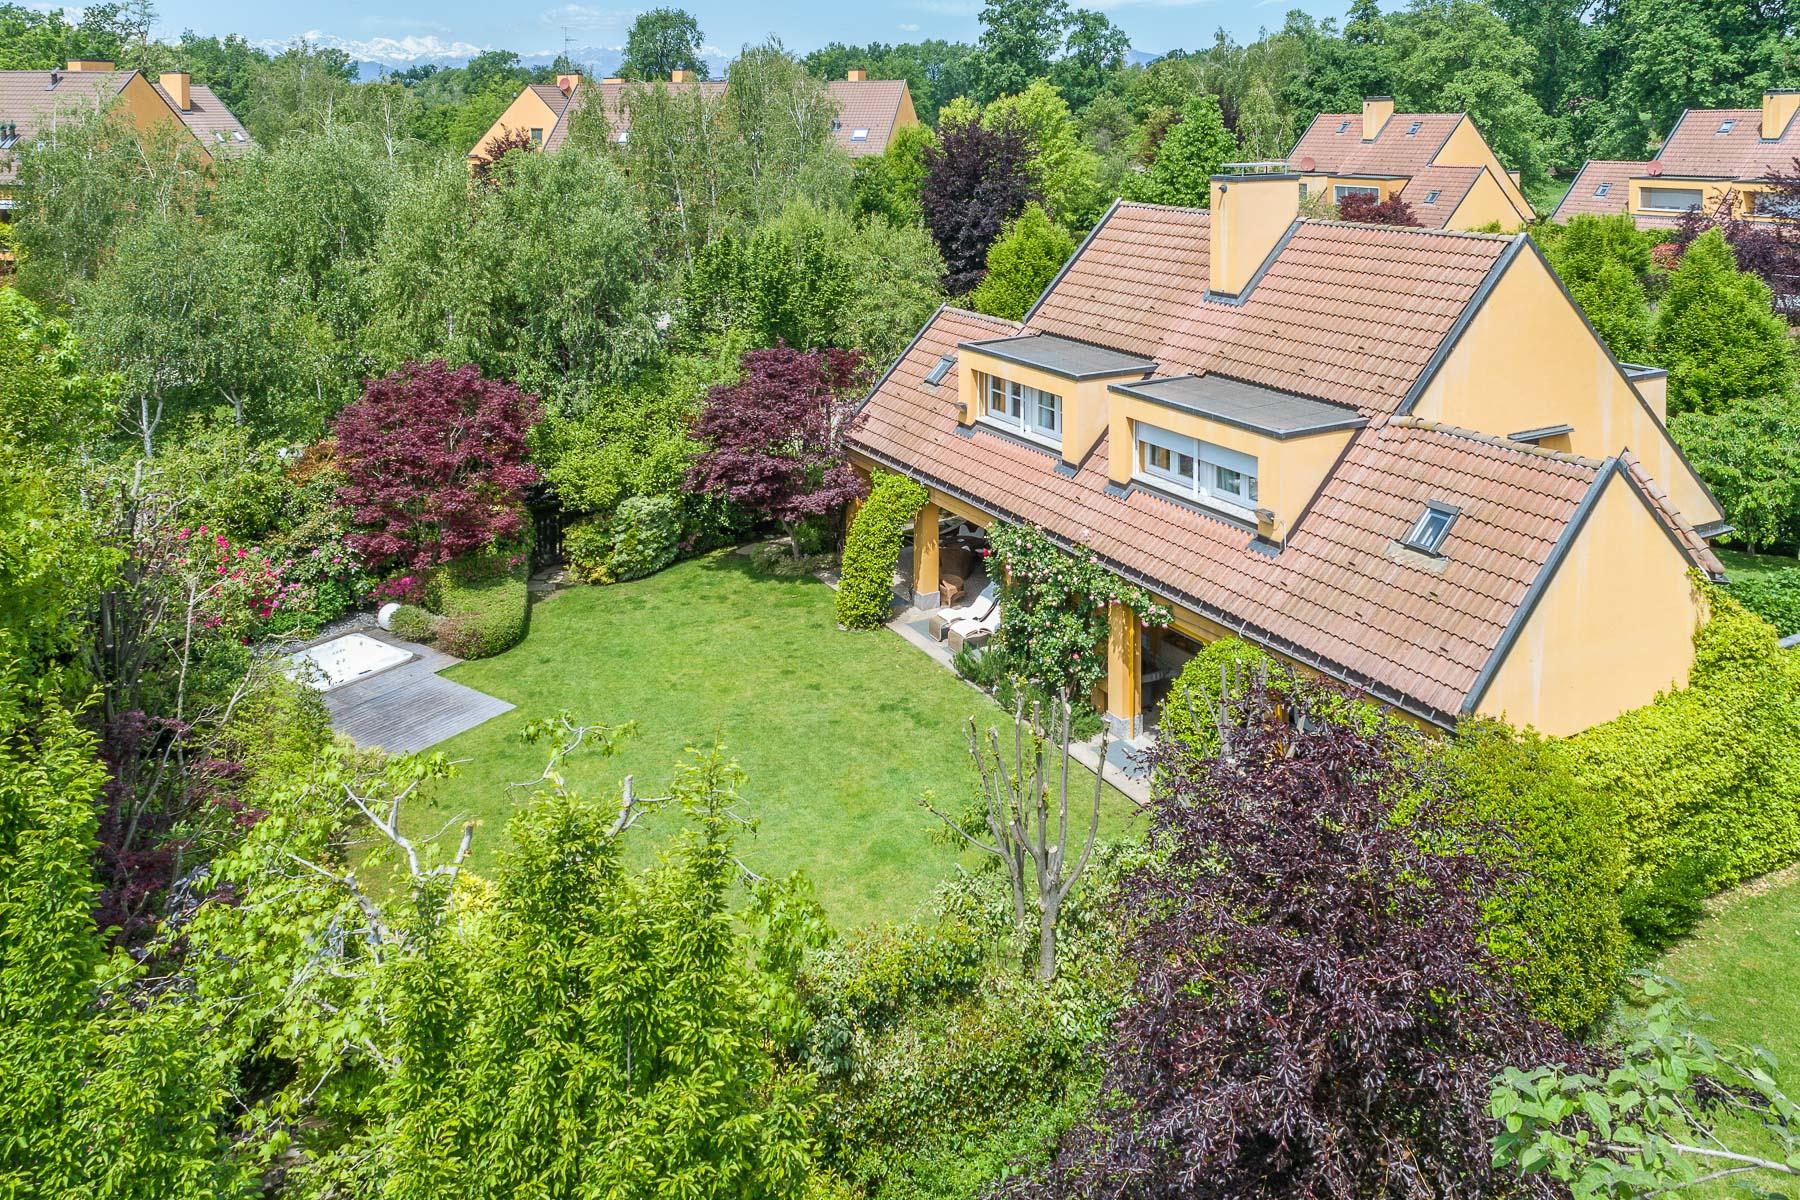 Villa in Vendita a Agrate Conturbia: 5 locali, 300 mq - Foto 2